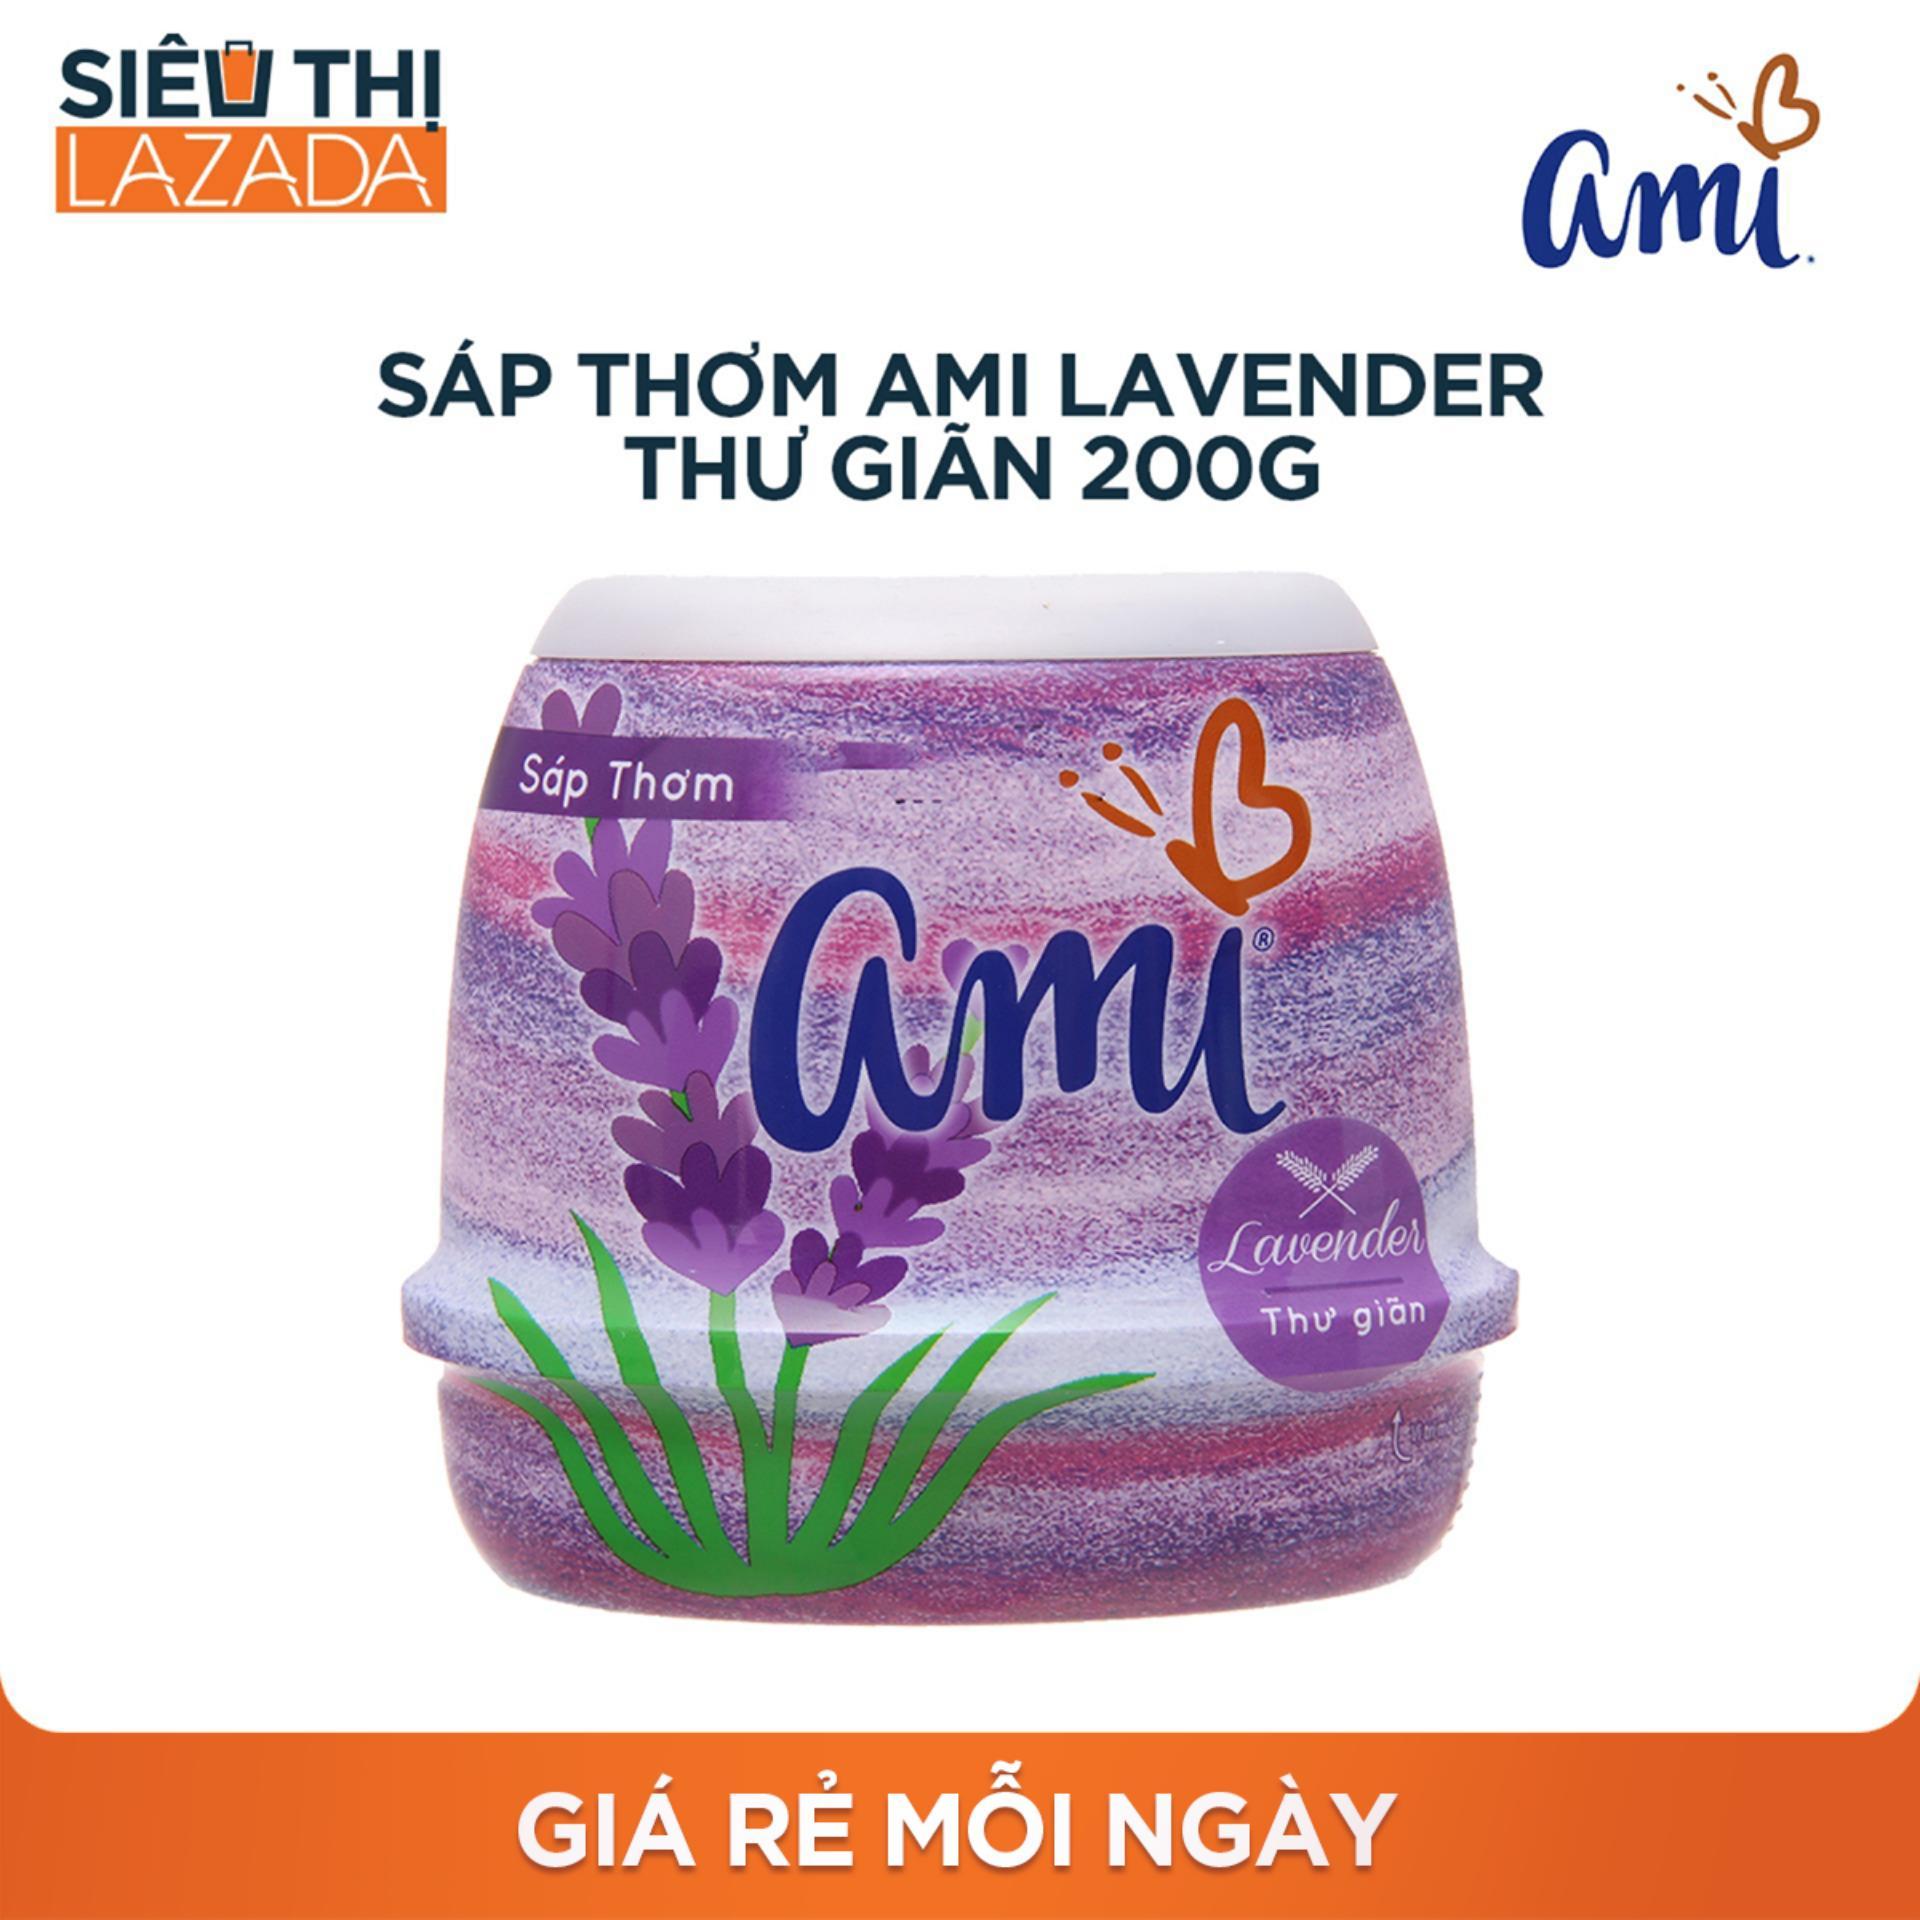 Sáp thơm Ami Lavender - Thư giãn 200g